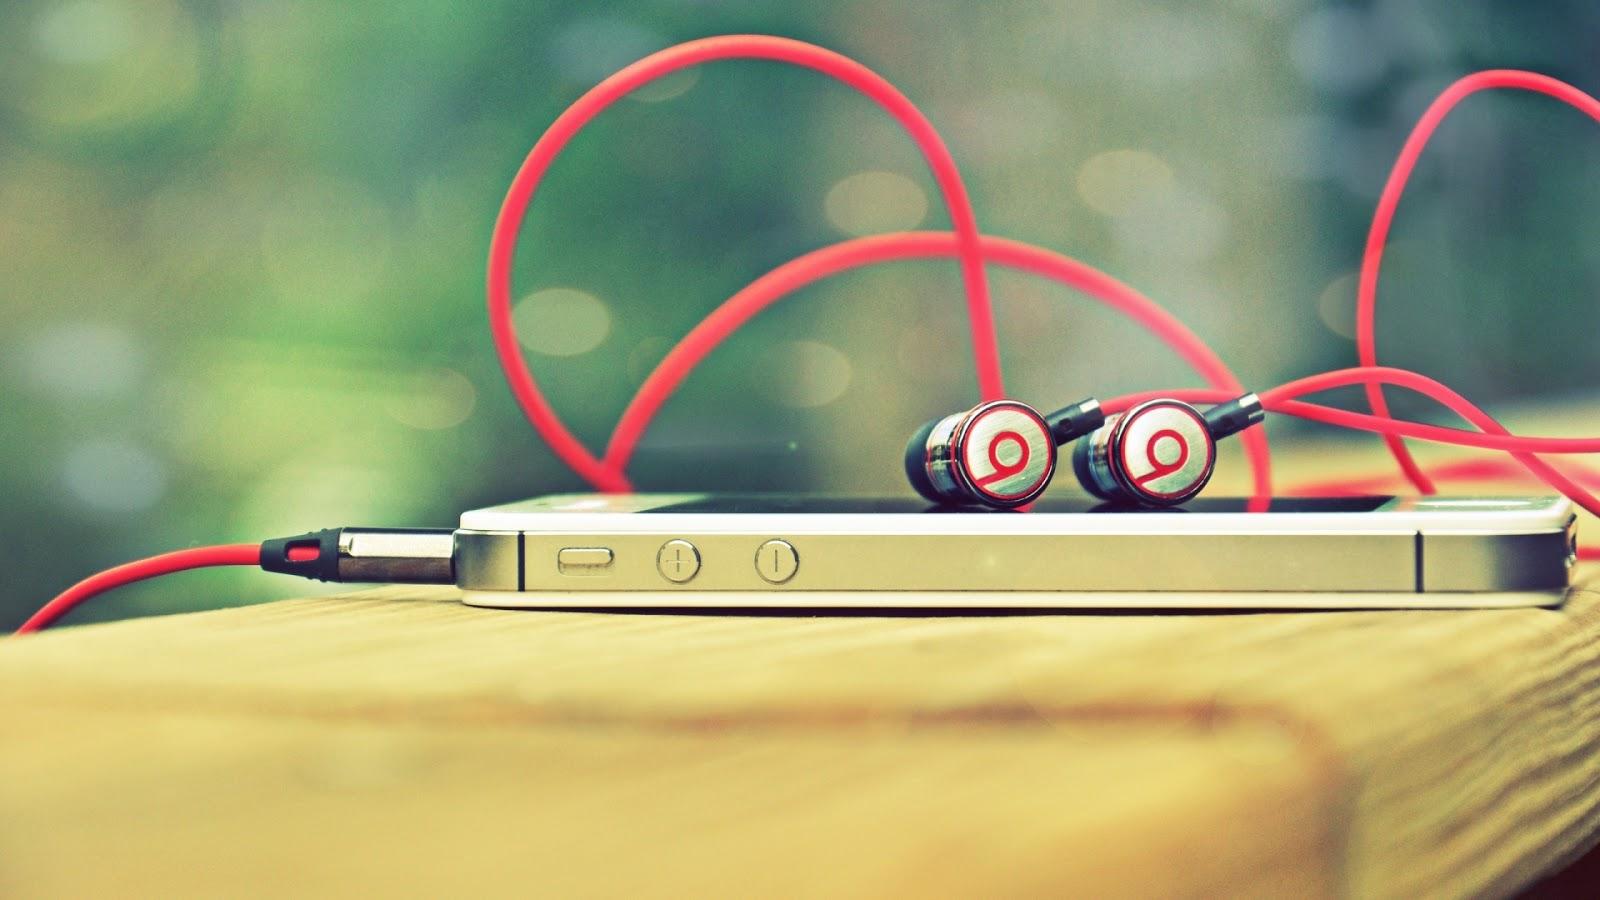 Программа распознает музыку для айфона